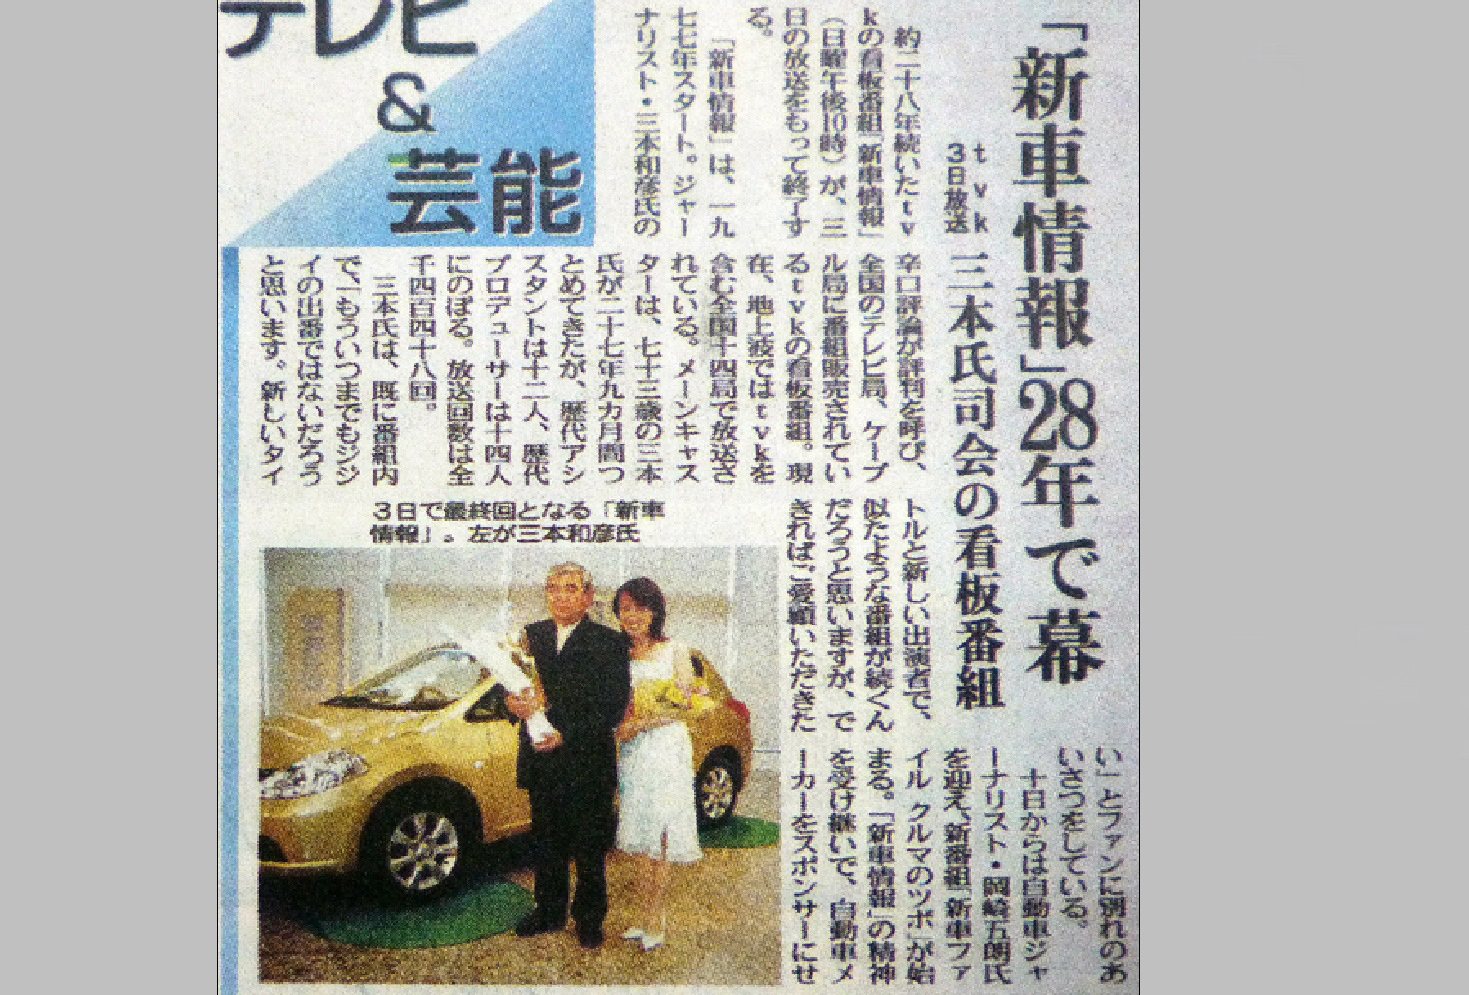 【車屋四六】ギネスブックもの自動車長寿番組の終焉